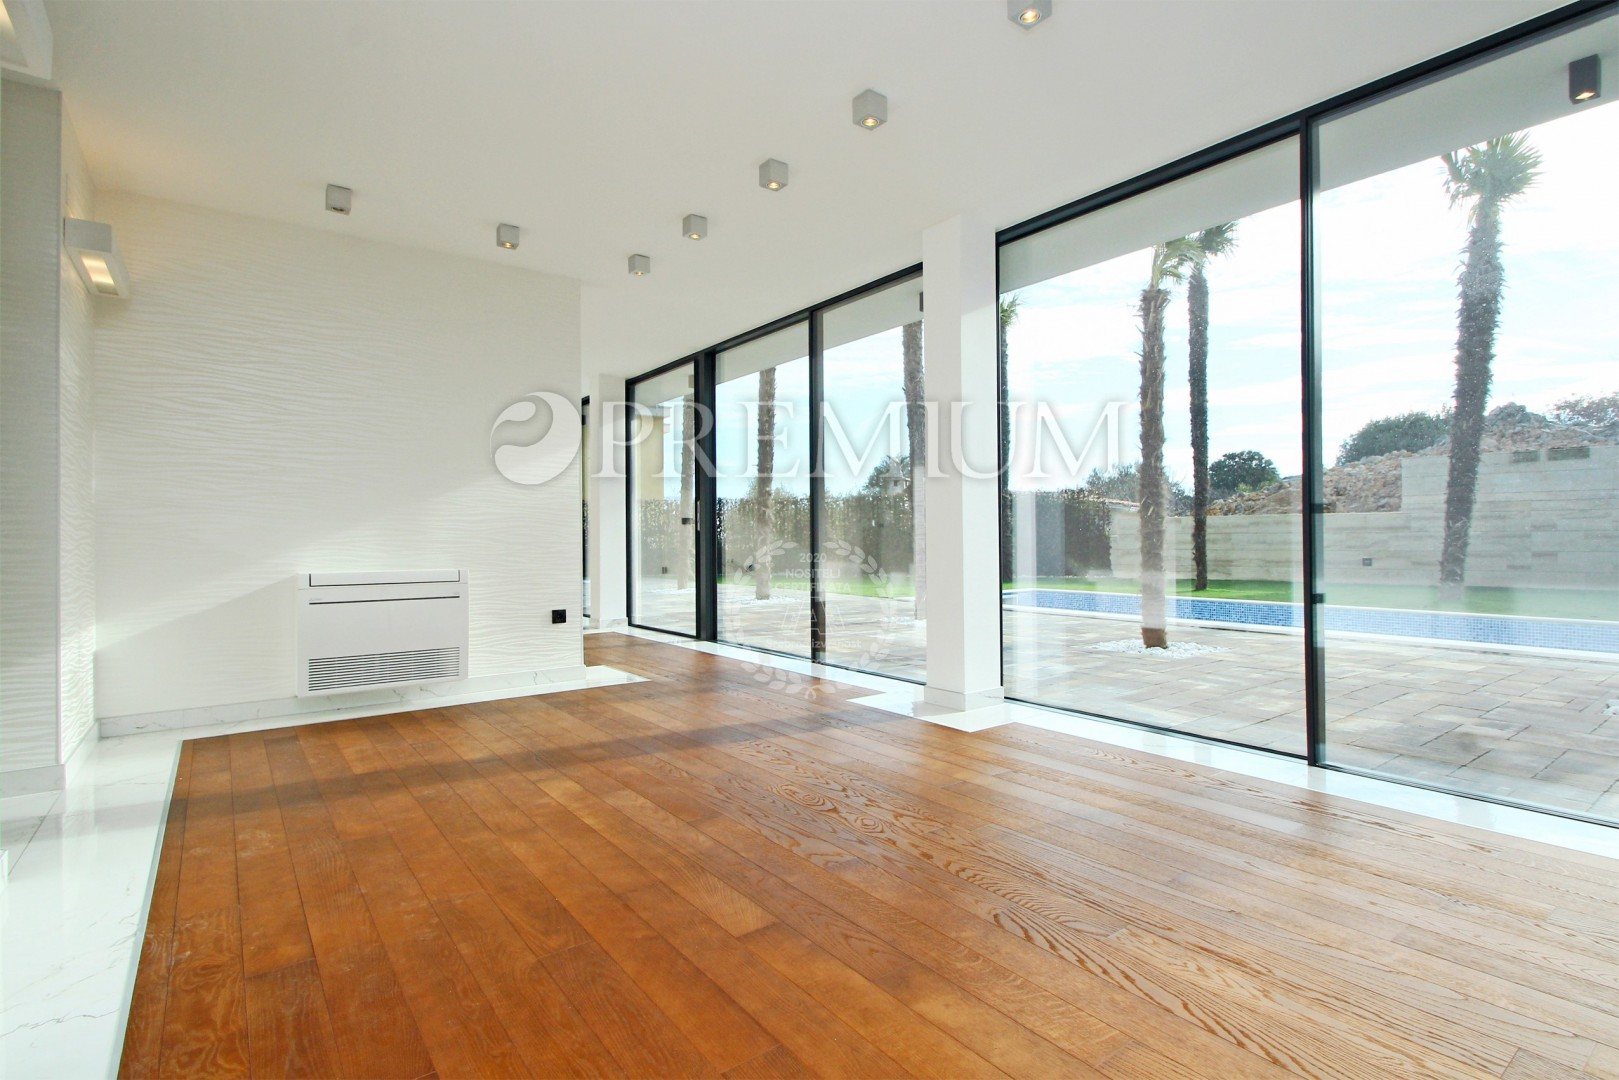 Krk, prodaja modernog apartmana od 54 m2 na drugom katu luksuzne ville !!